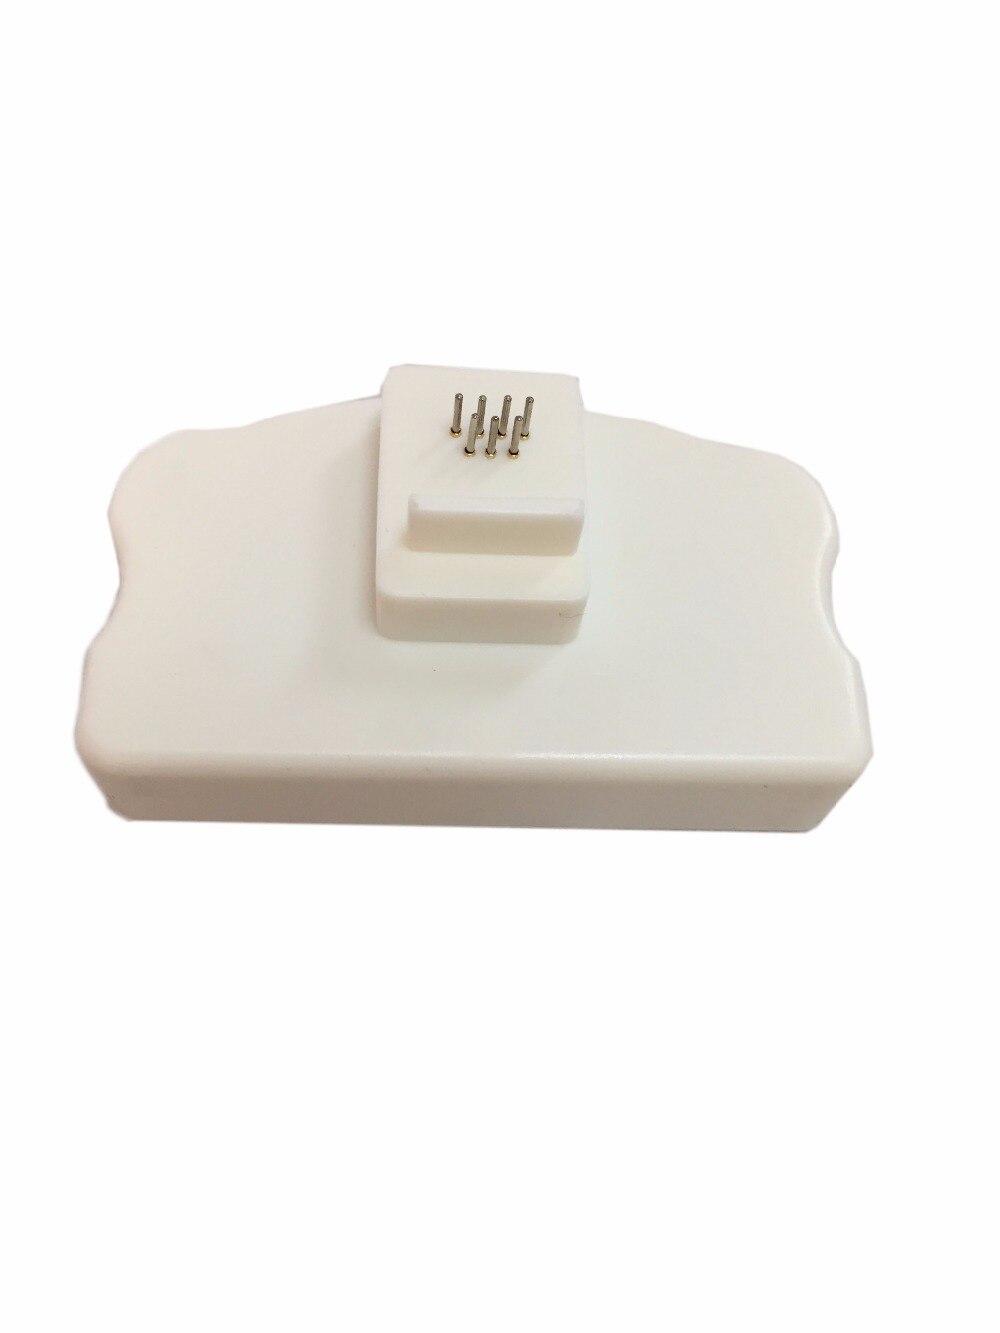 Einkshop TM-C3400 resetter del circuito integrato per Epson stampante TM-C3400 SJIC15P resetter del circuito integrato